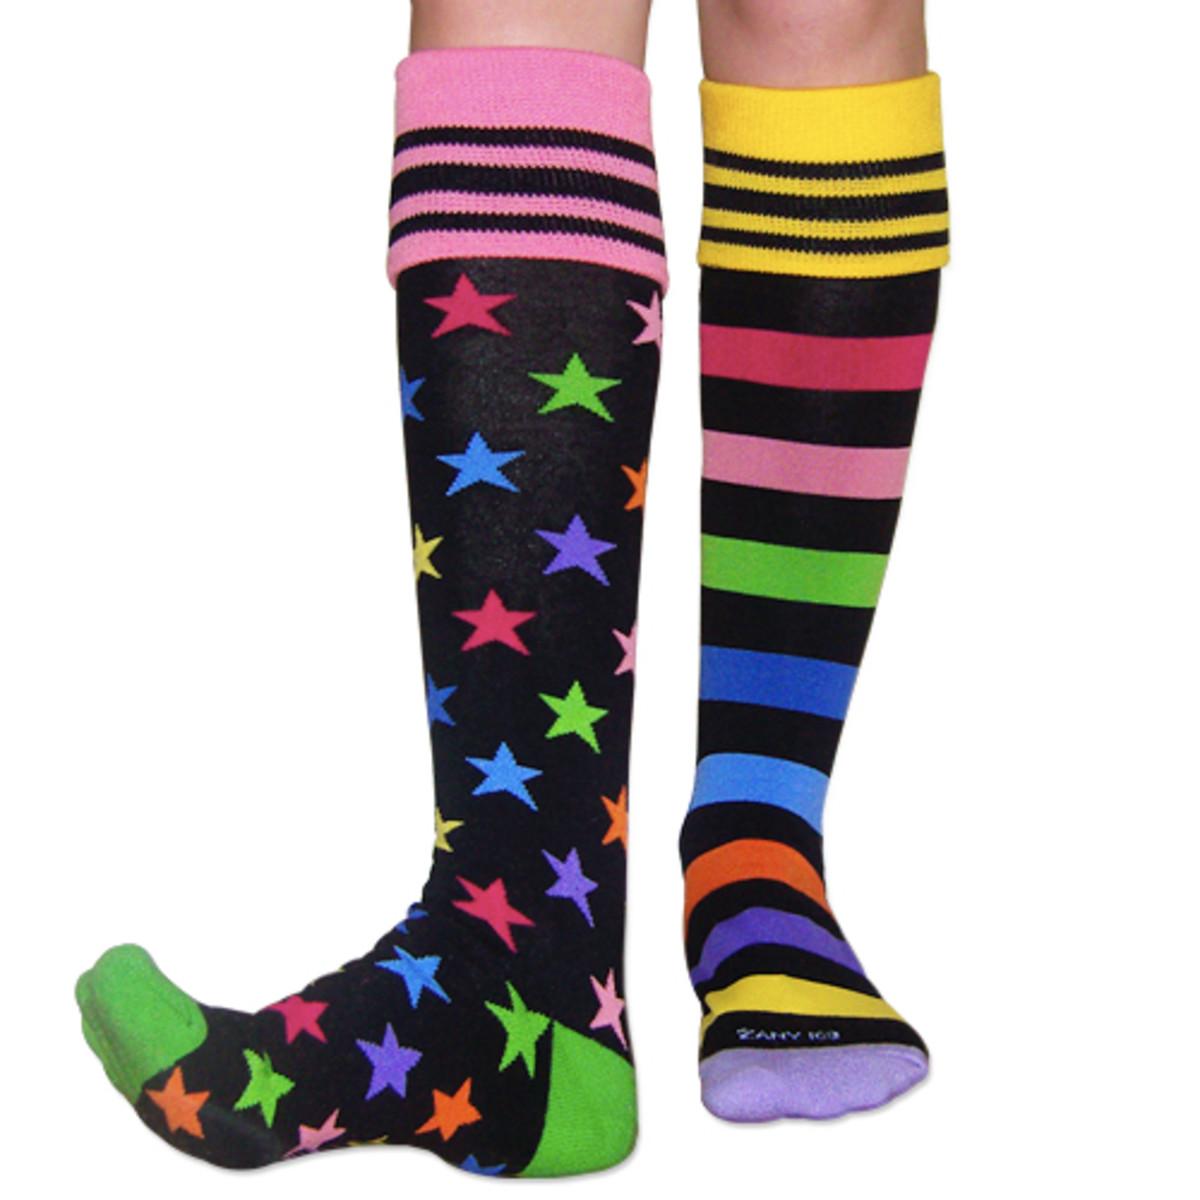 Socks are helpful!